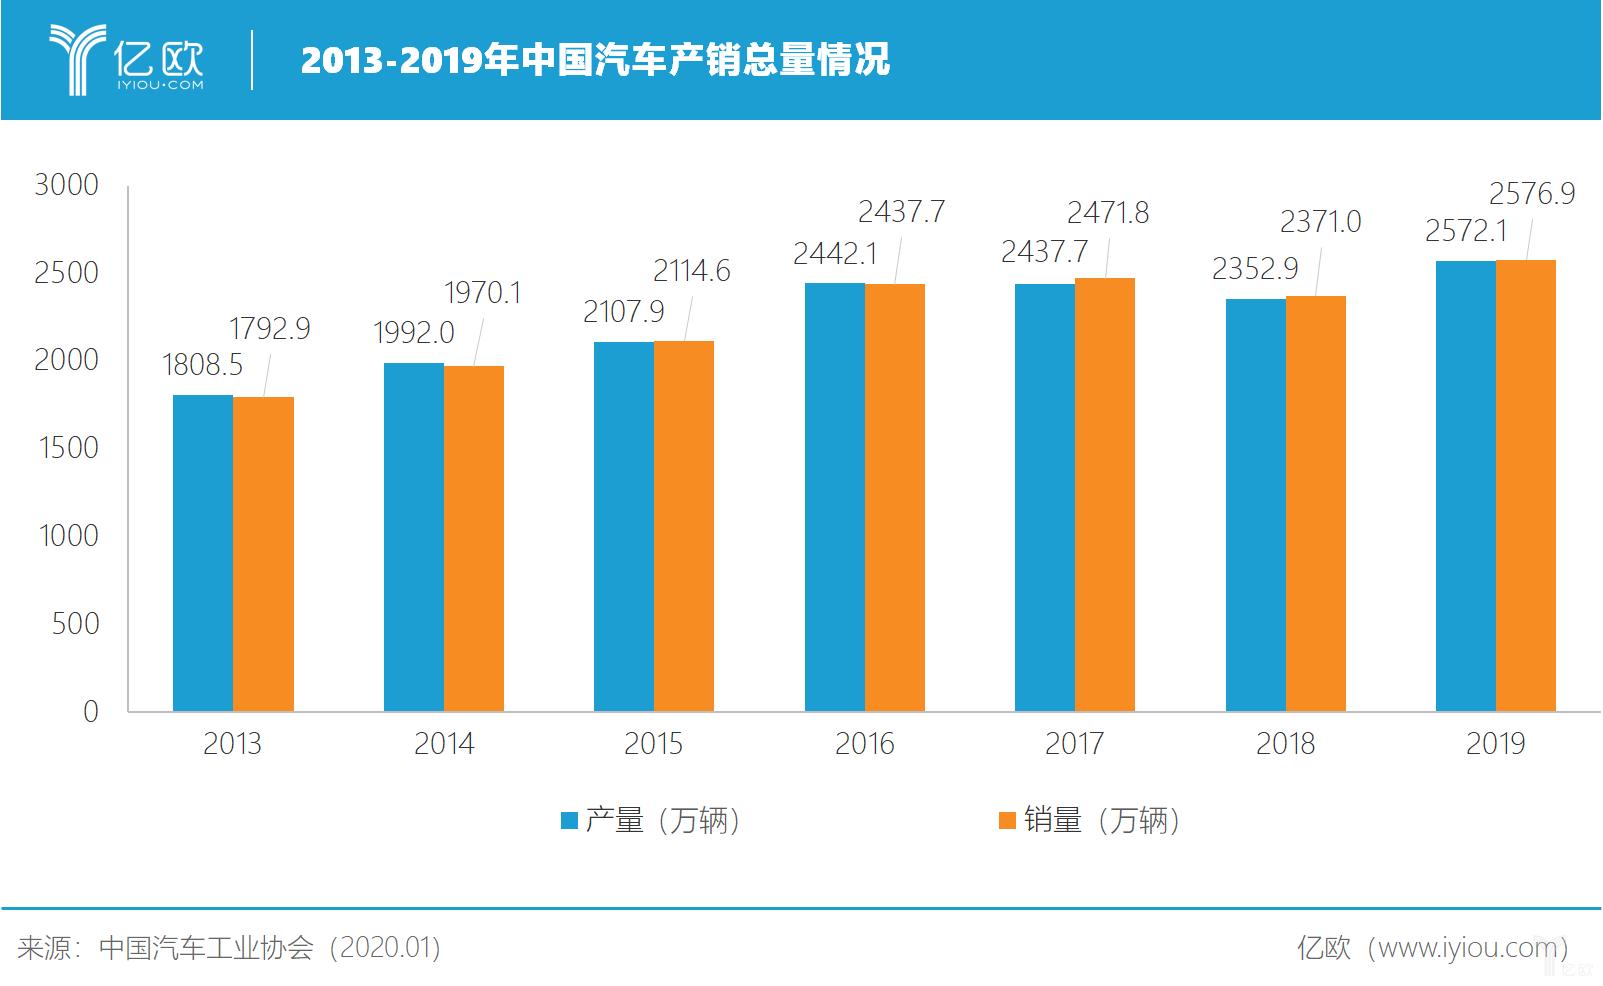 2013-2019年中国汽车产销量情况